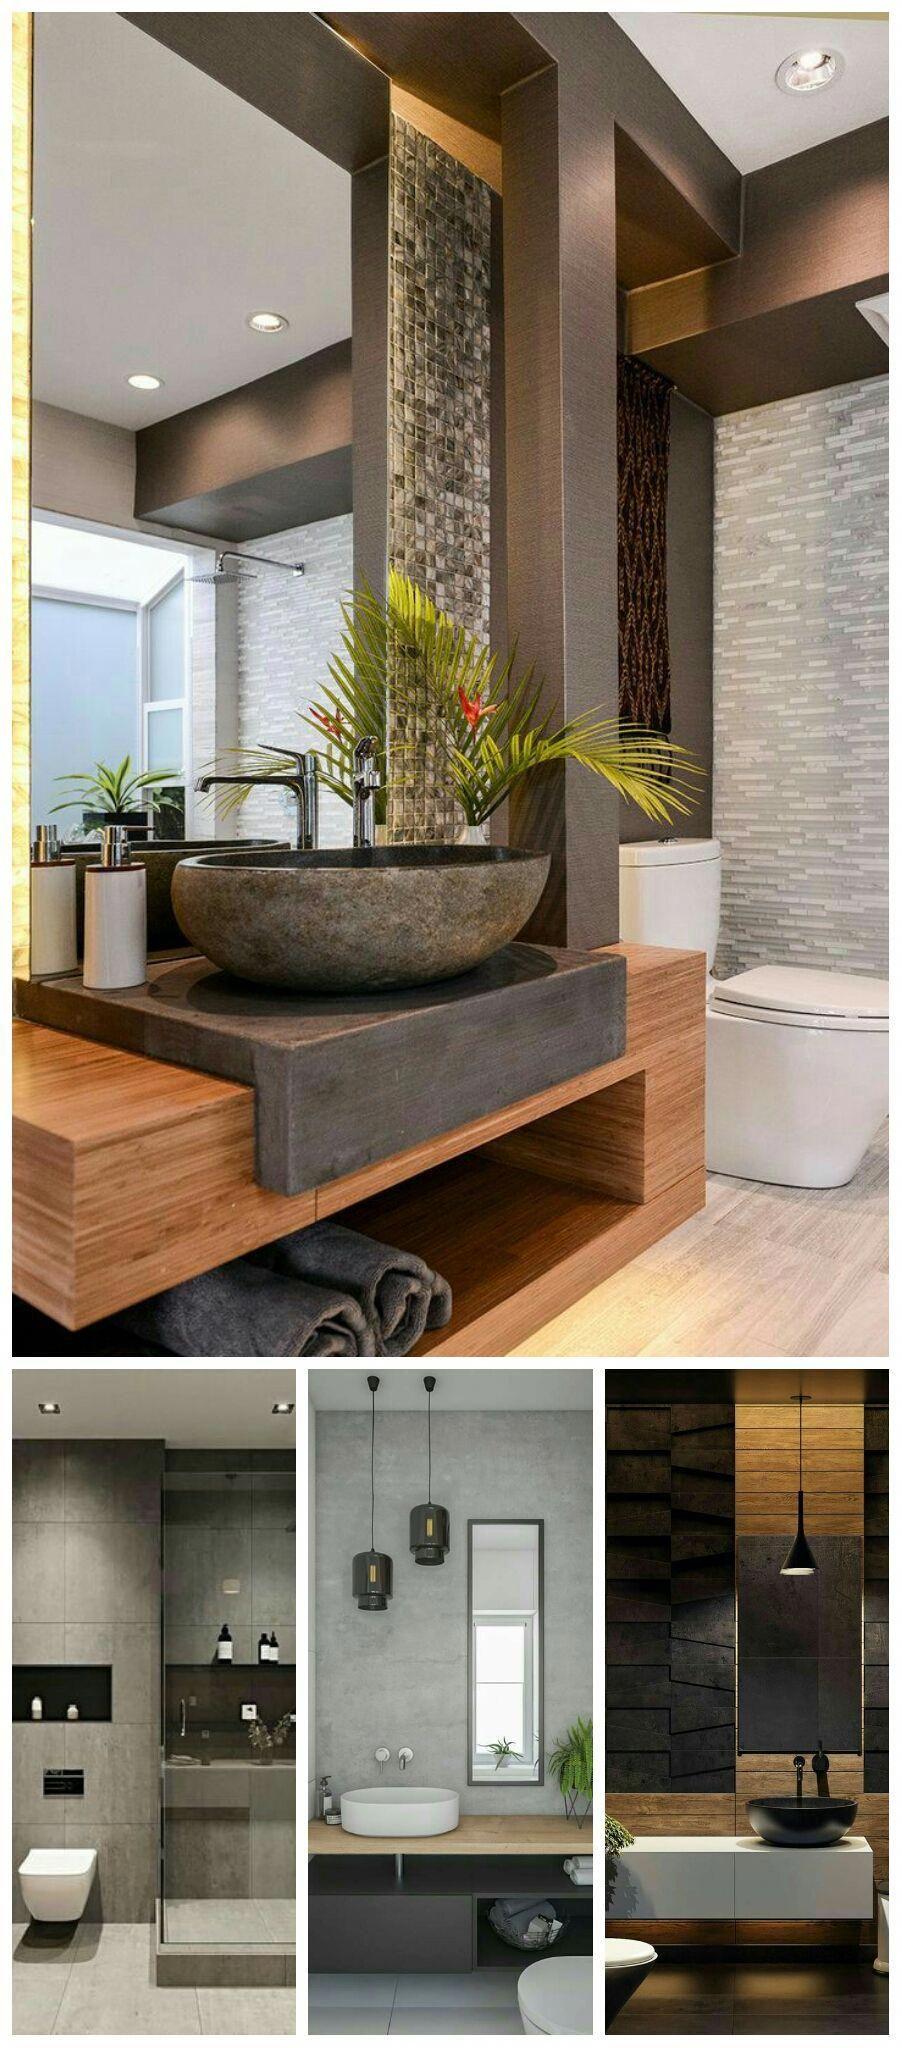 Luxury Bathroom Luxury Master Bathrooms Luxury Bathroom Master Baths Modern Bathroom Design